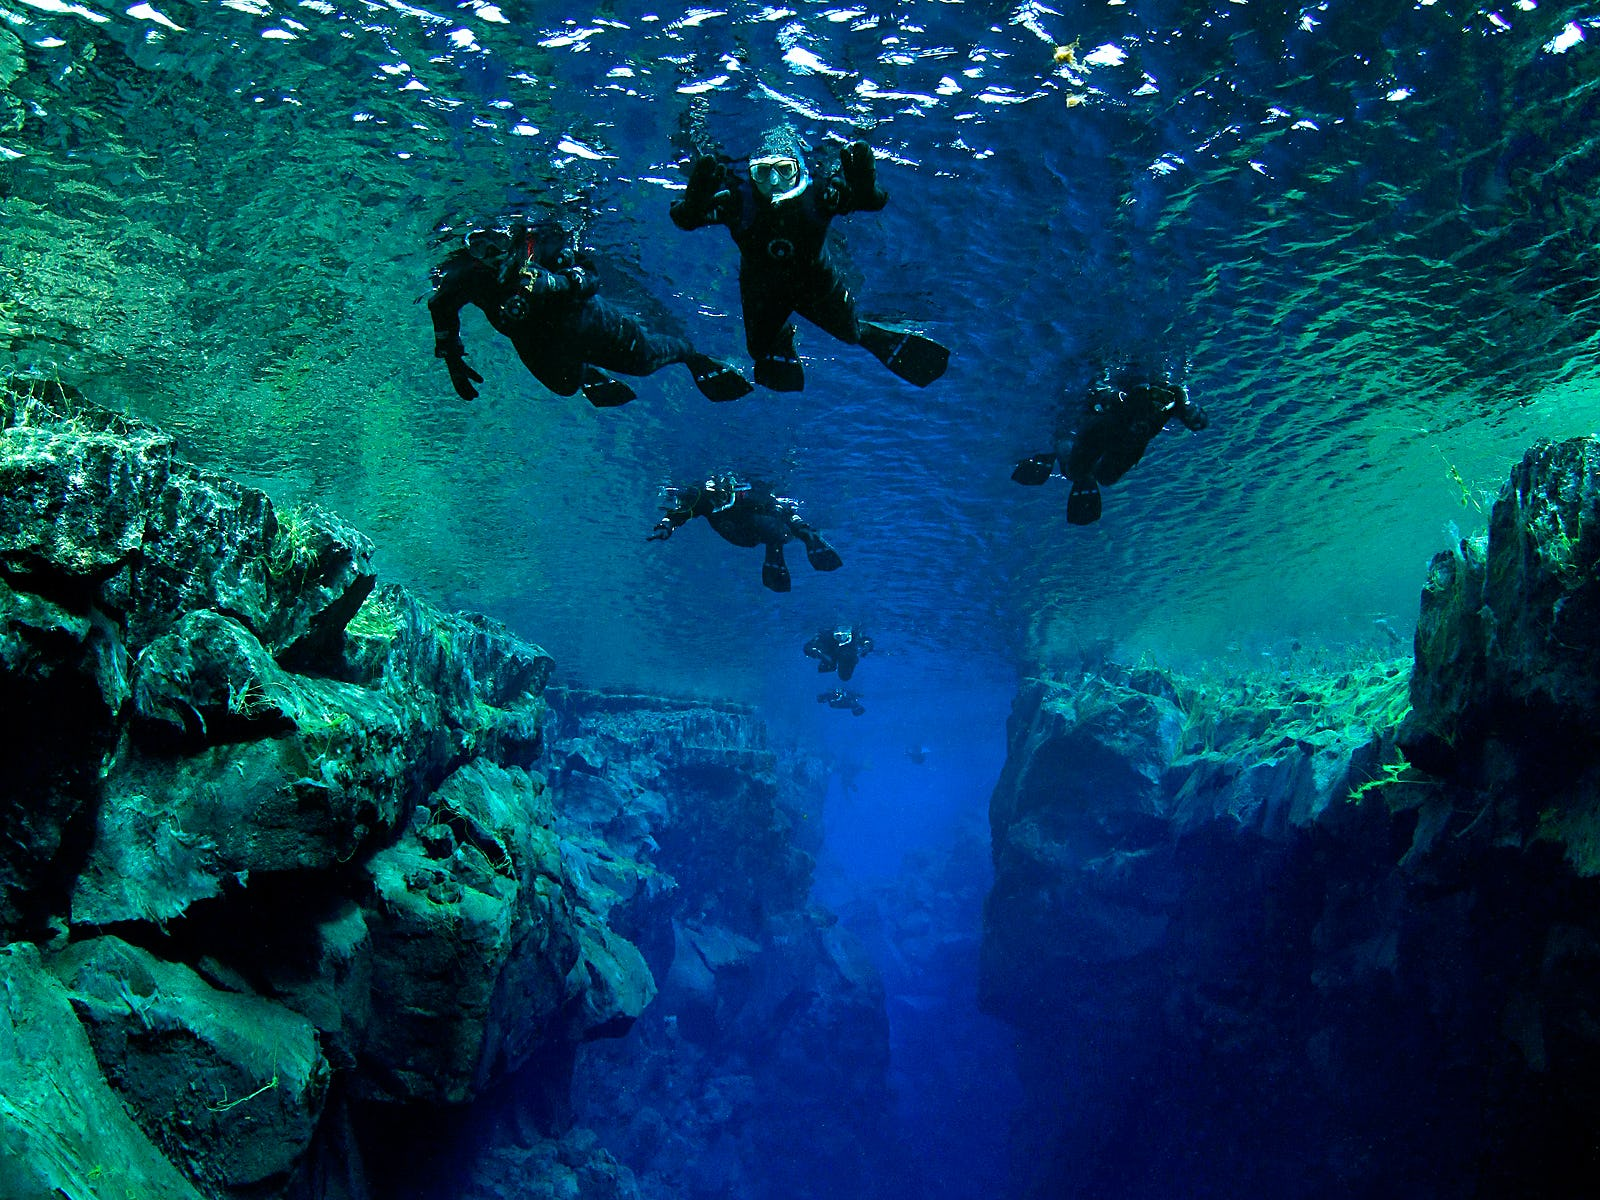 Silfra wird oft als einer der Top 10 Tauch- und Schnorchelplätze der Welt bezeichnet.